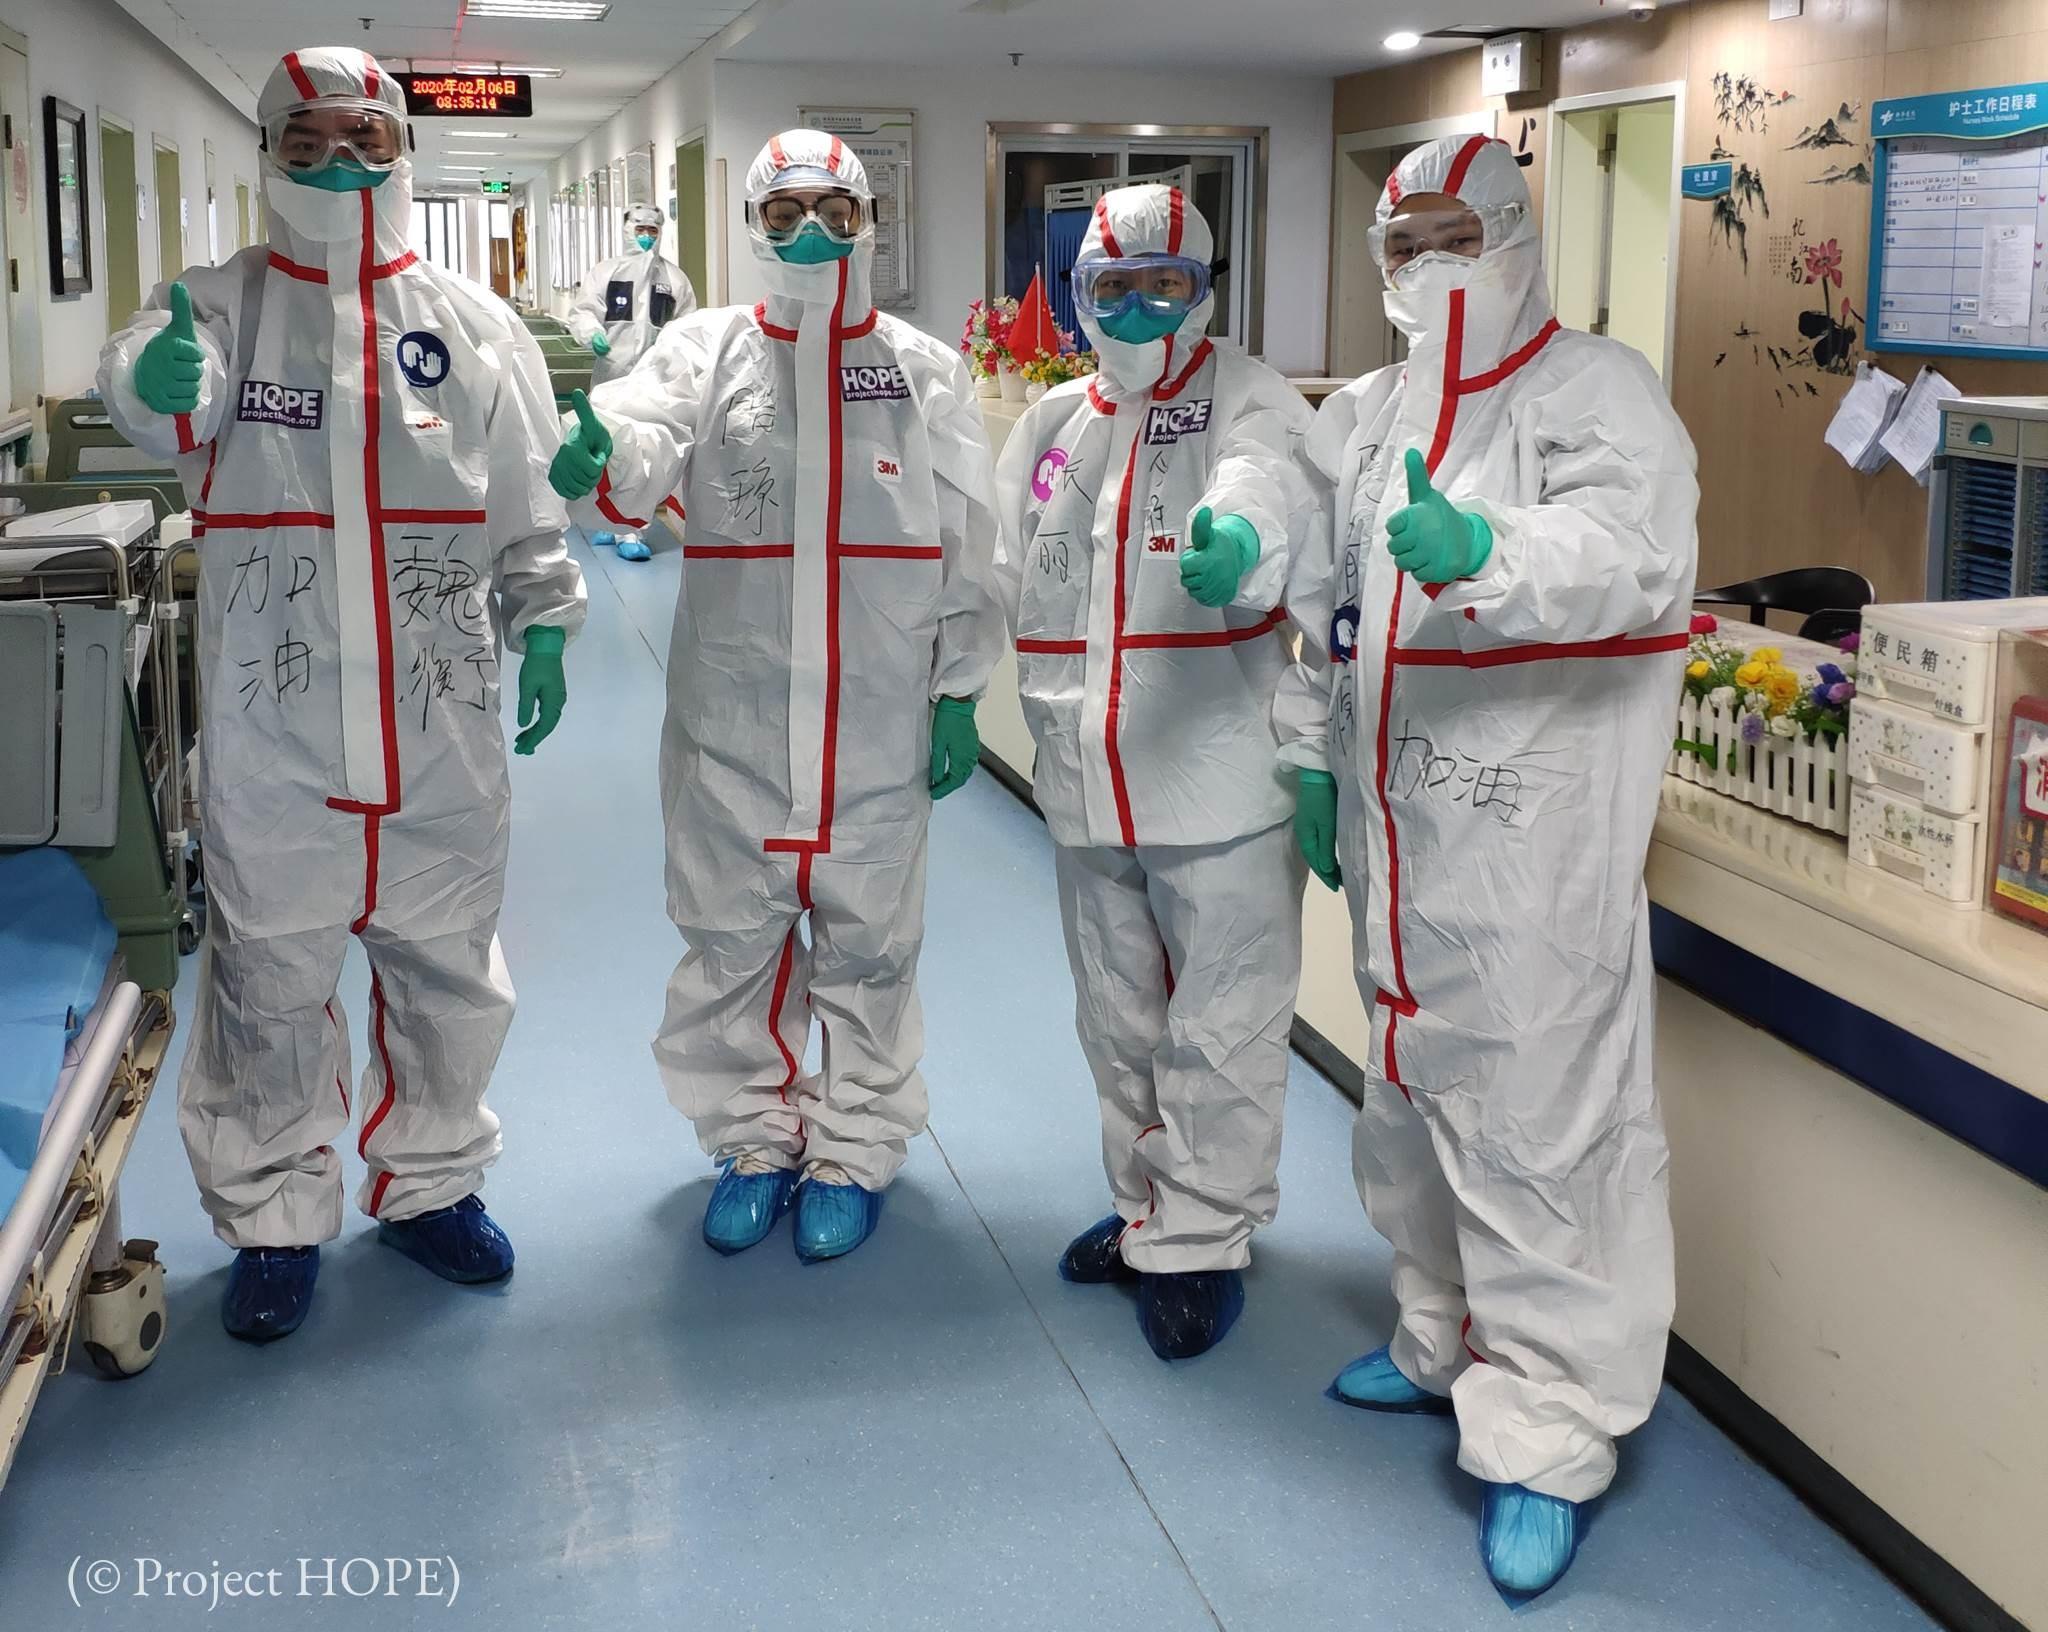 مستشار صحي للحكومة الصينية يحذّر من موجة إصابات ثانية بكورونا